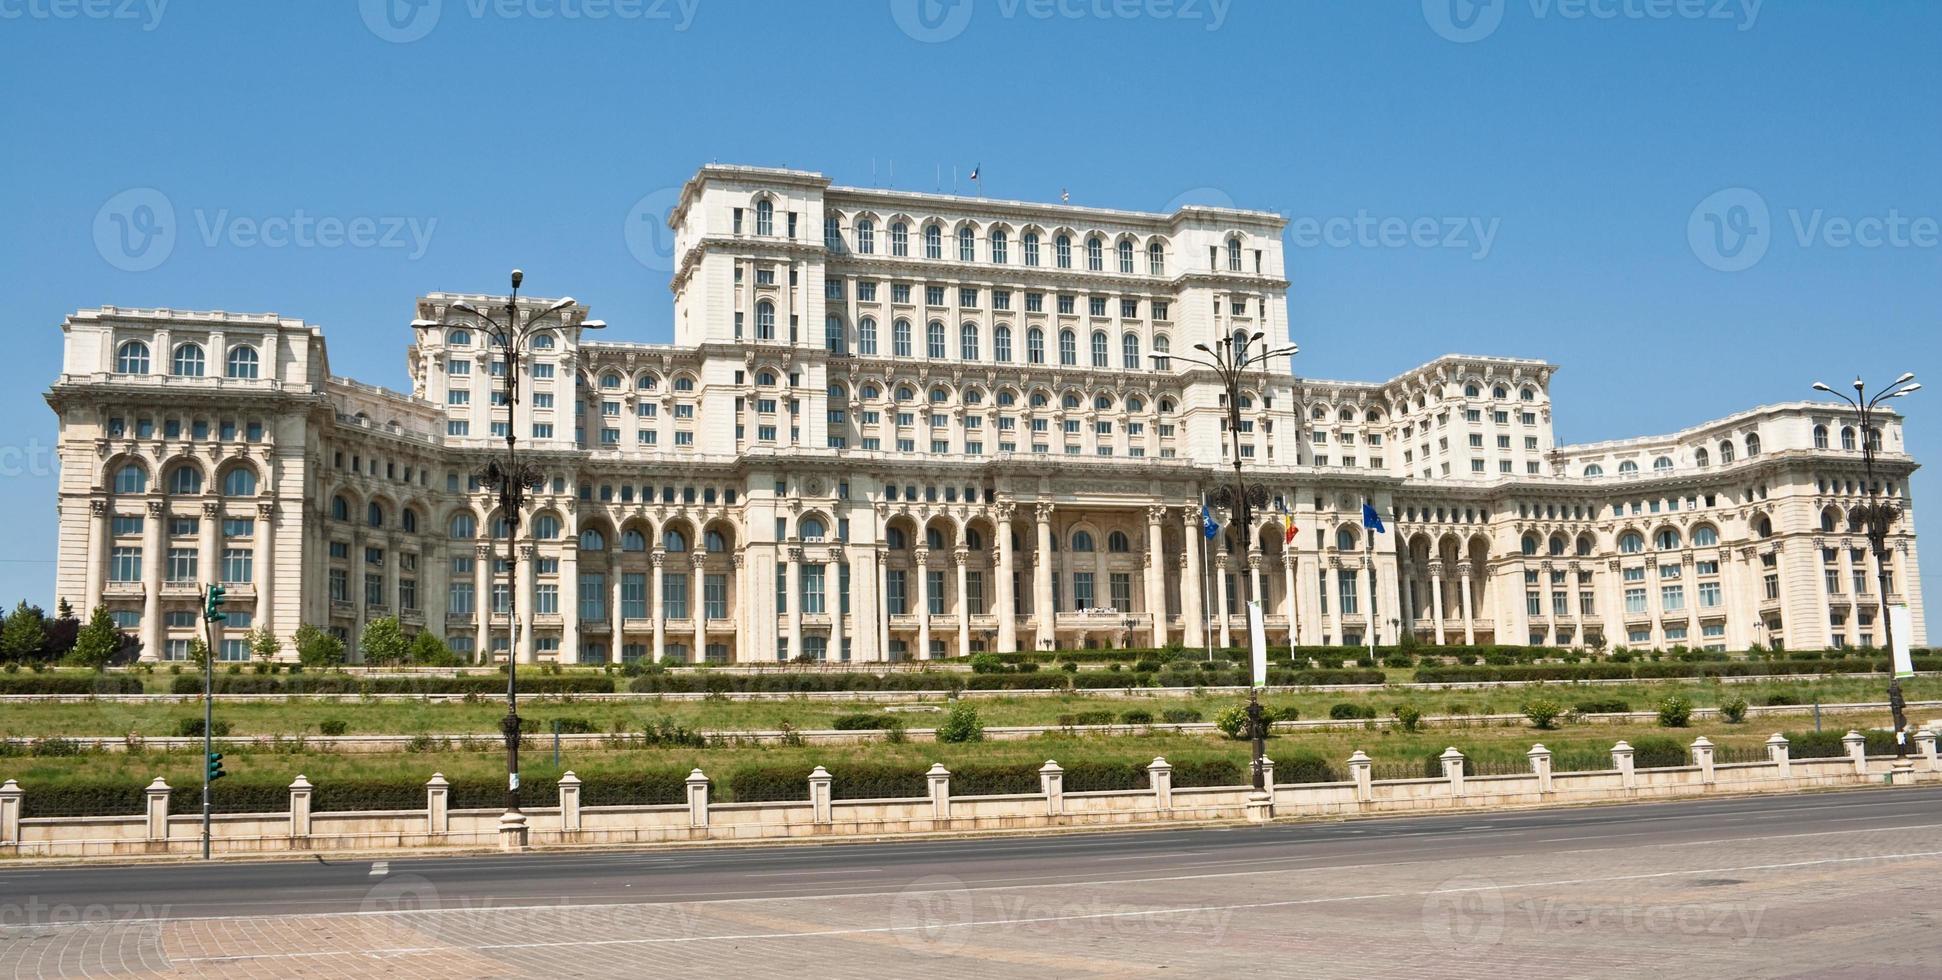 Palast des Parlaments, Bucharest Rumänien foto